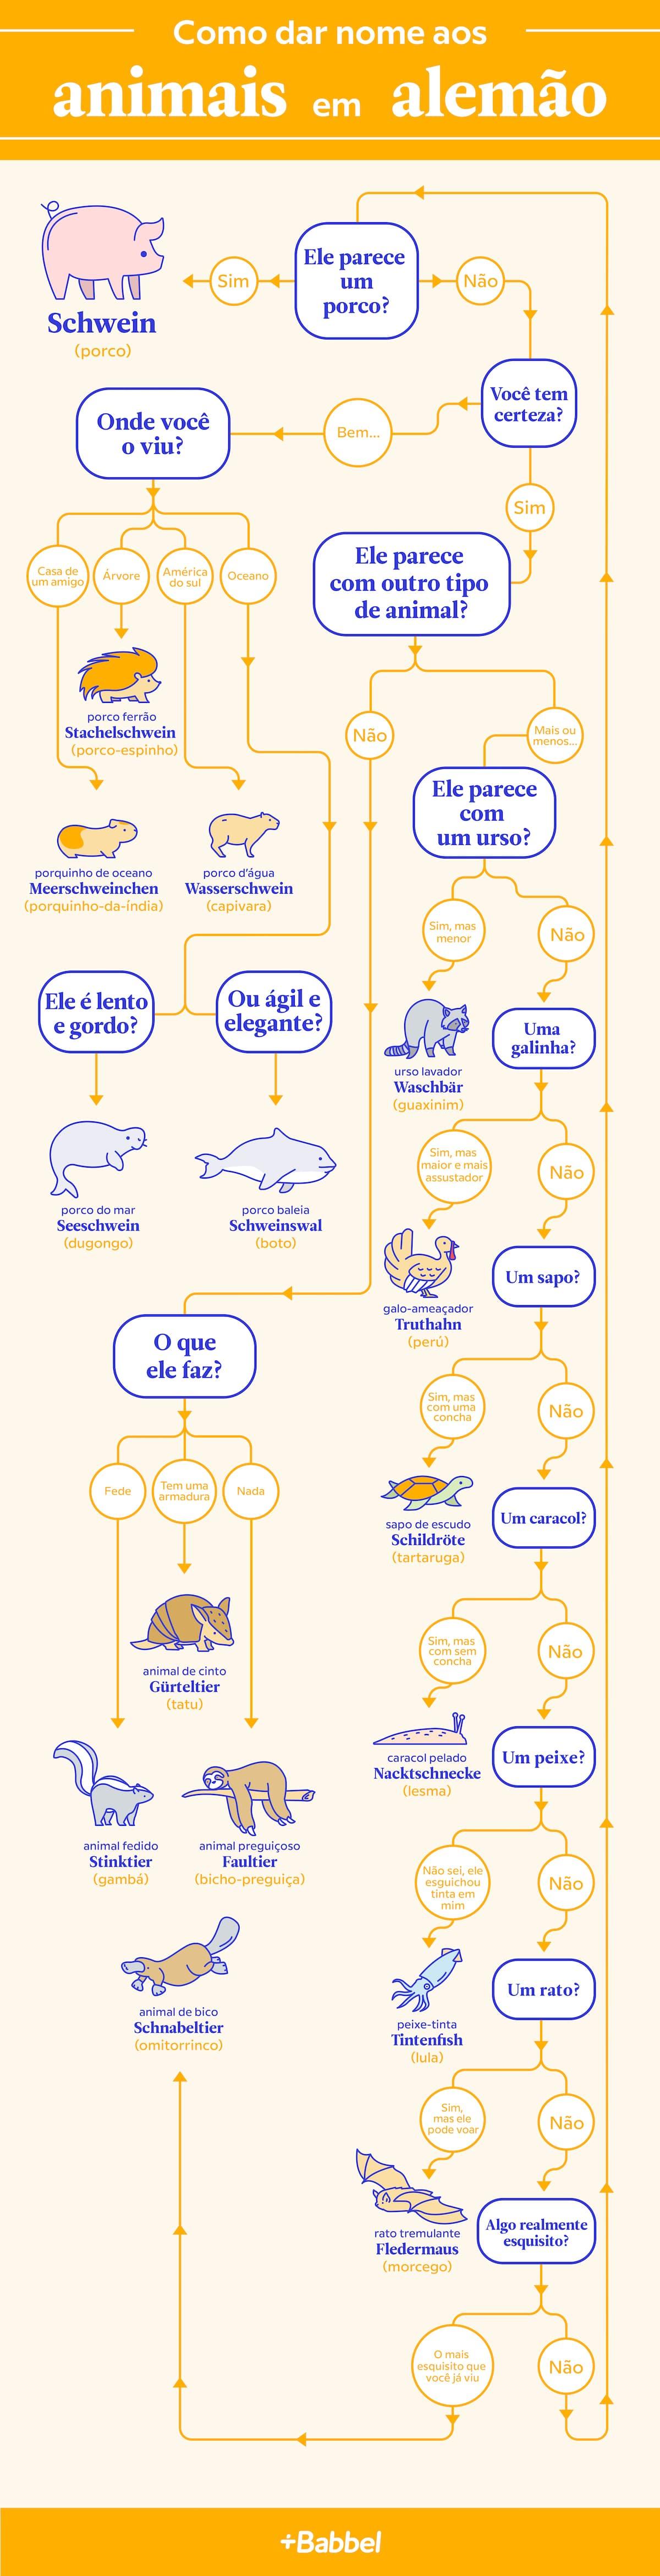 animais em alemao